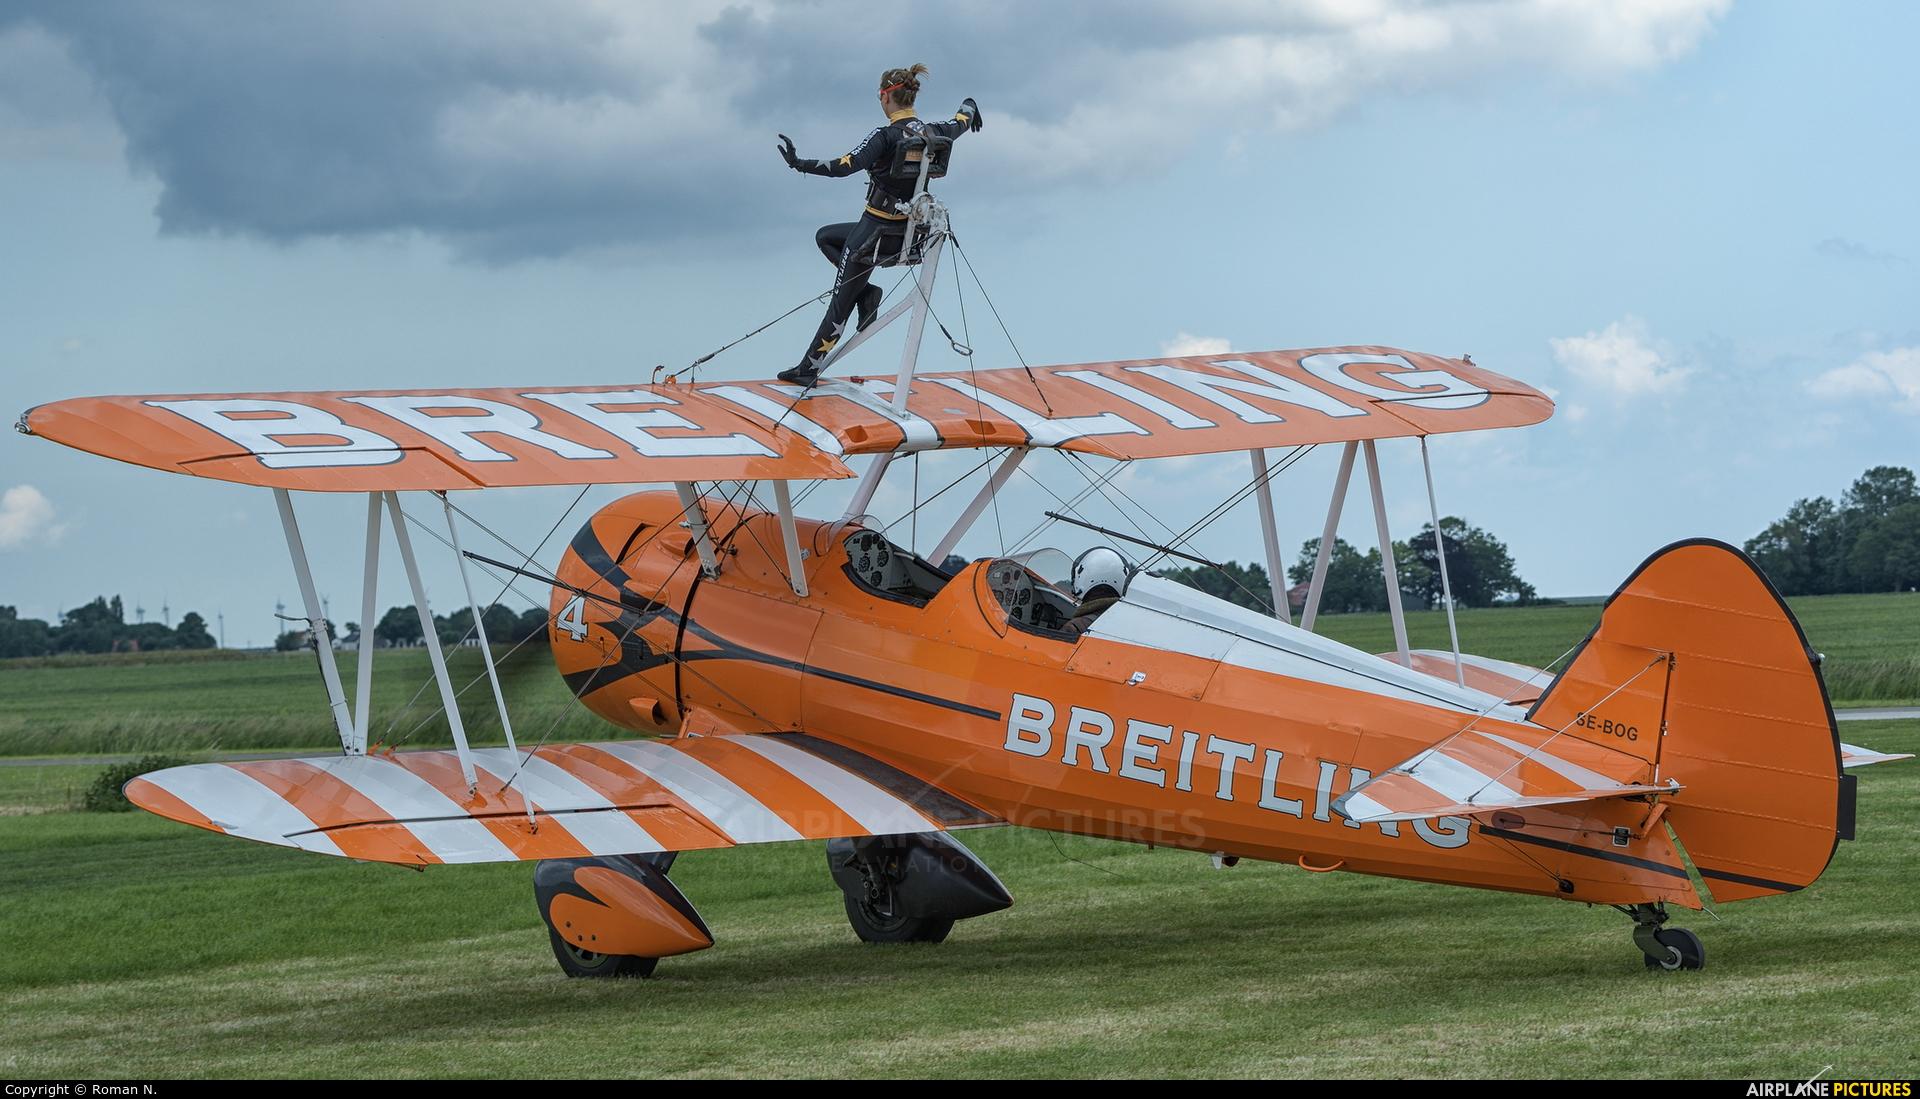 Breitling Wingwalkers SE-BOG aircraft at Oostwold